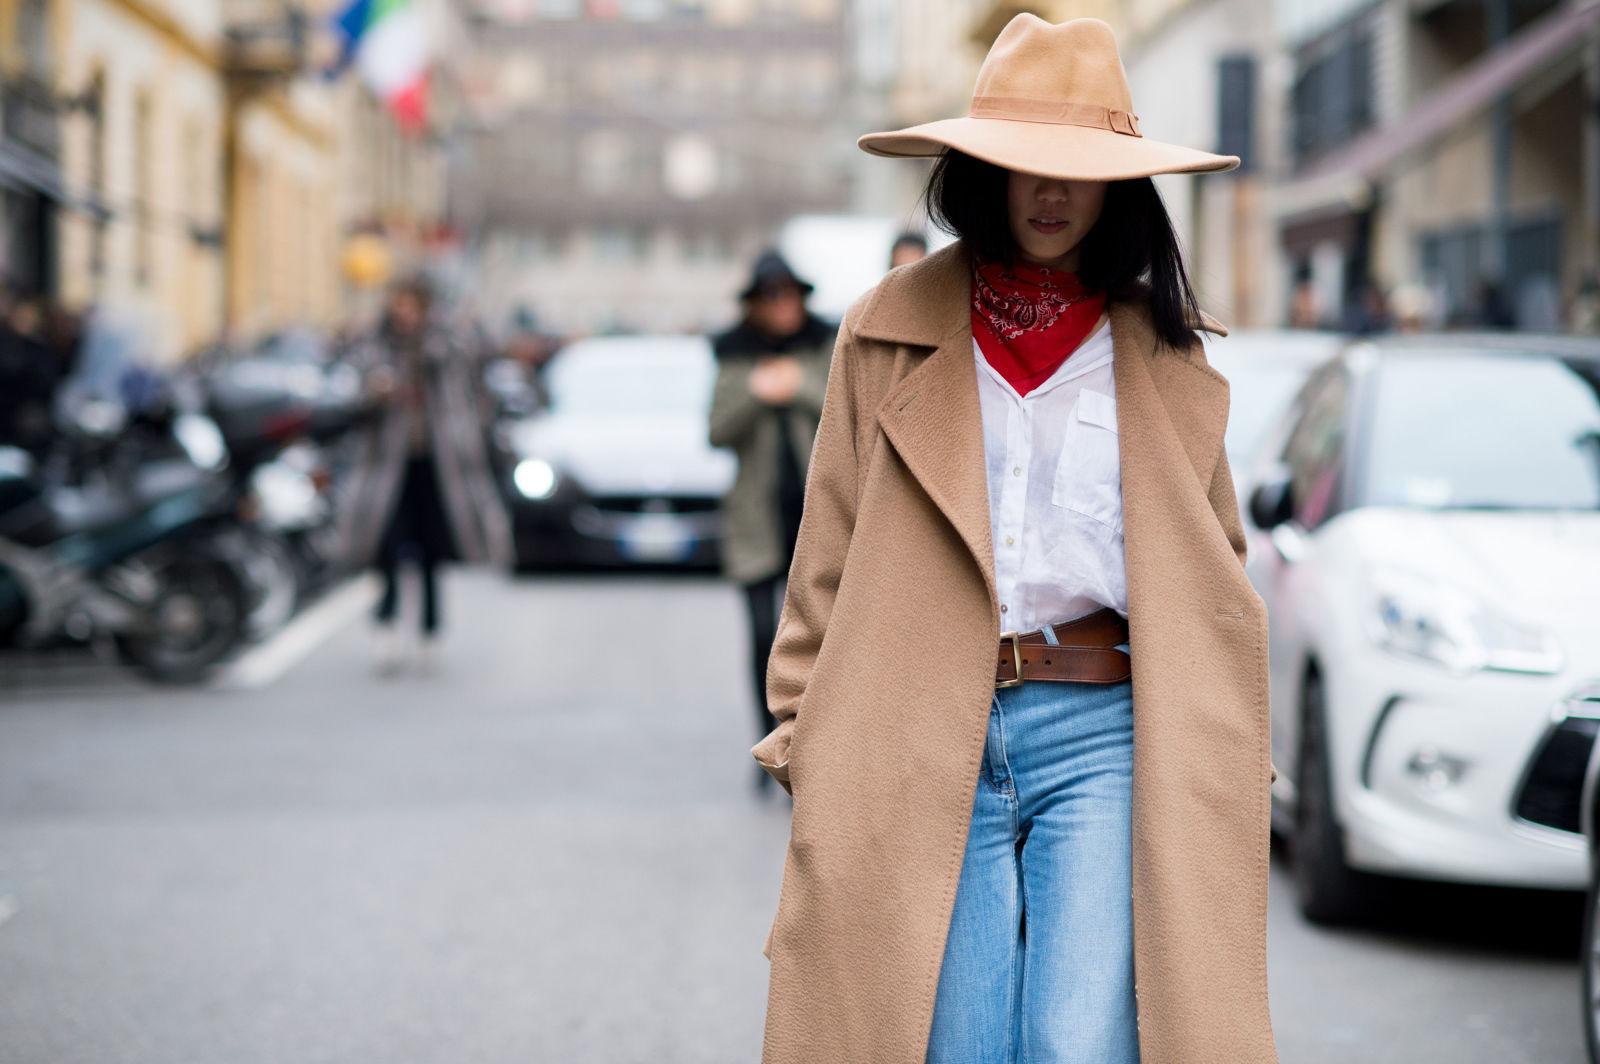 Модні Весняні і Зимові Пальта 2019, з Чим Носити В'язані з Хутром і в Клітку, Довгі Оверсайз і Короткі з Капюшоном, Сучасні Моделі Для Повних і Худих